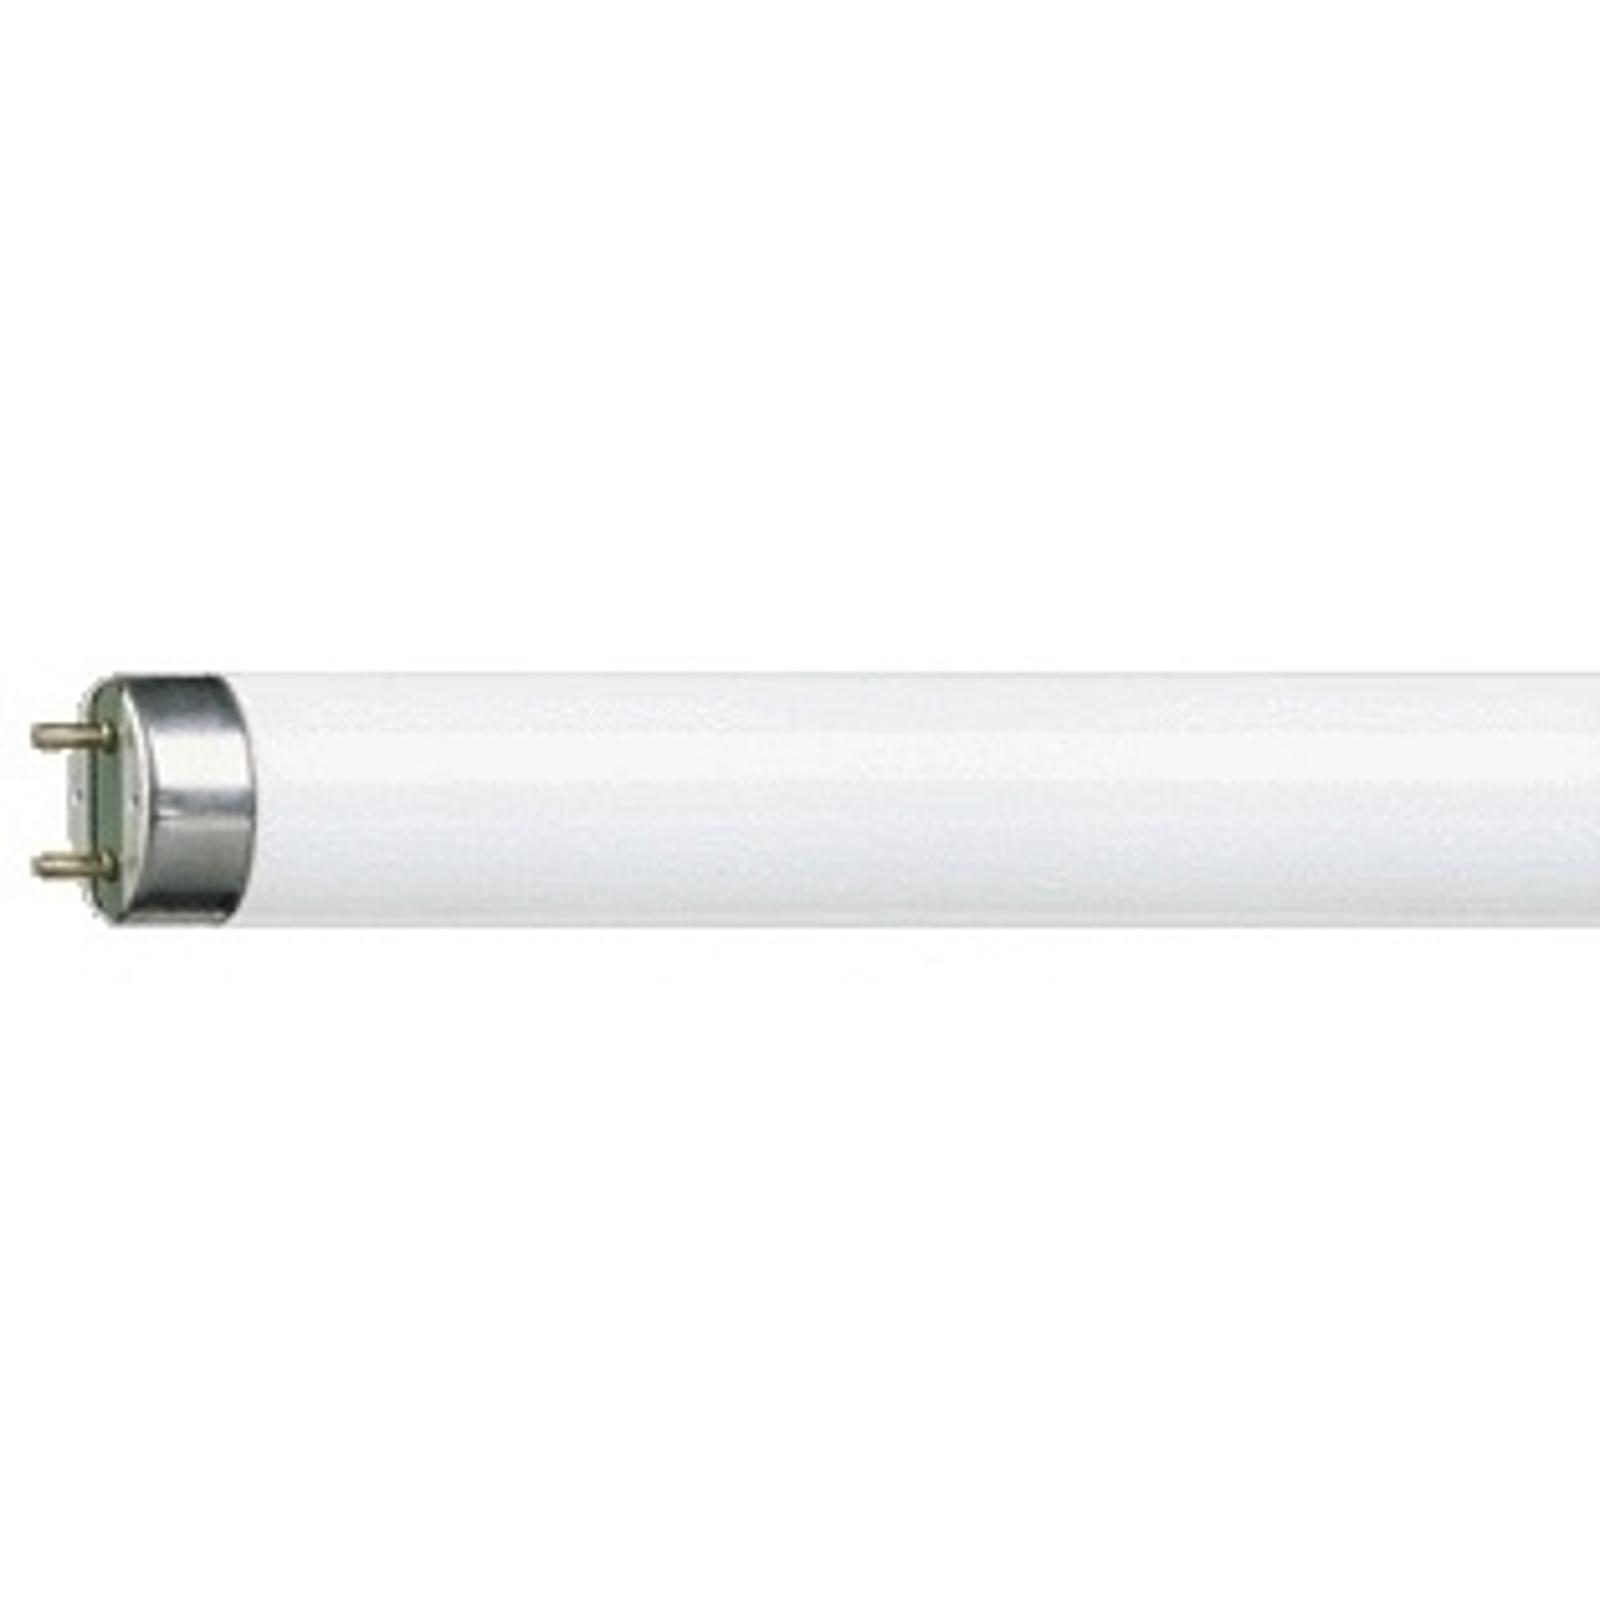 Leuchtstoffröhre G13 T8 36W MASTER TL-D Super 840